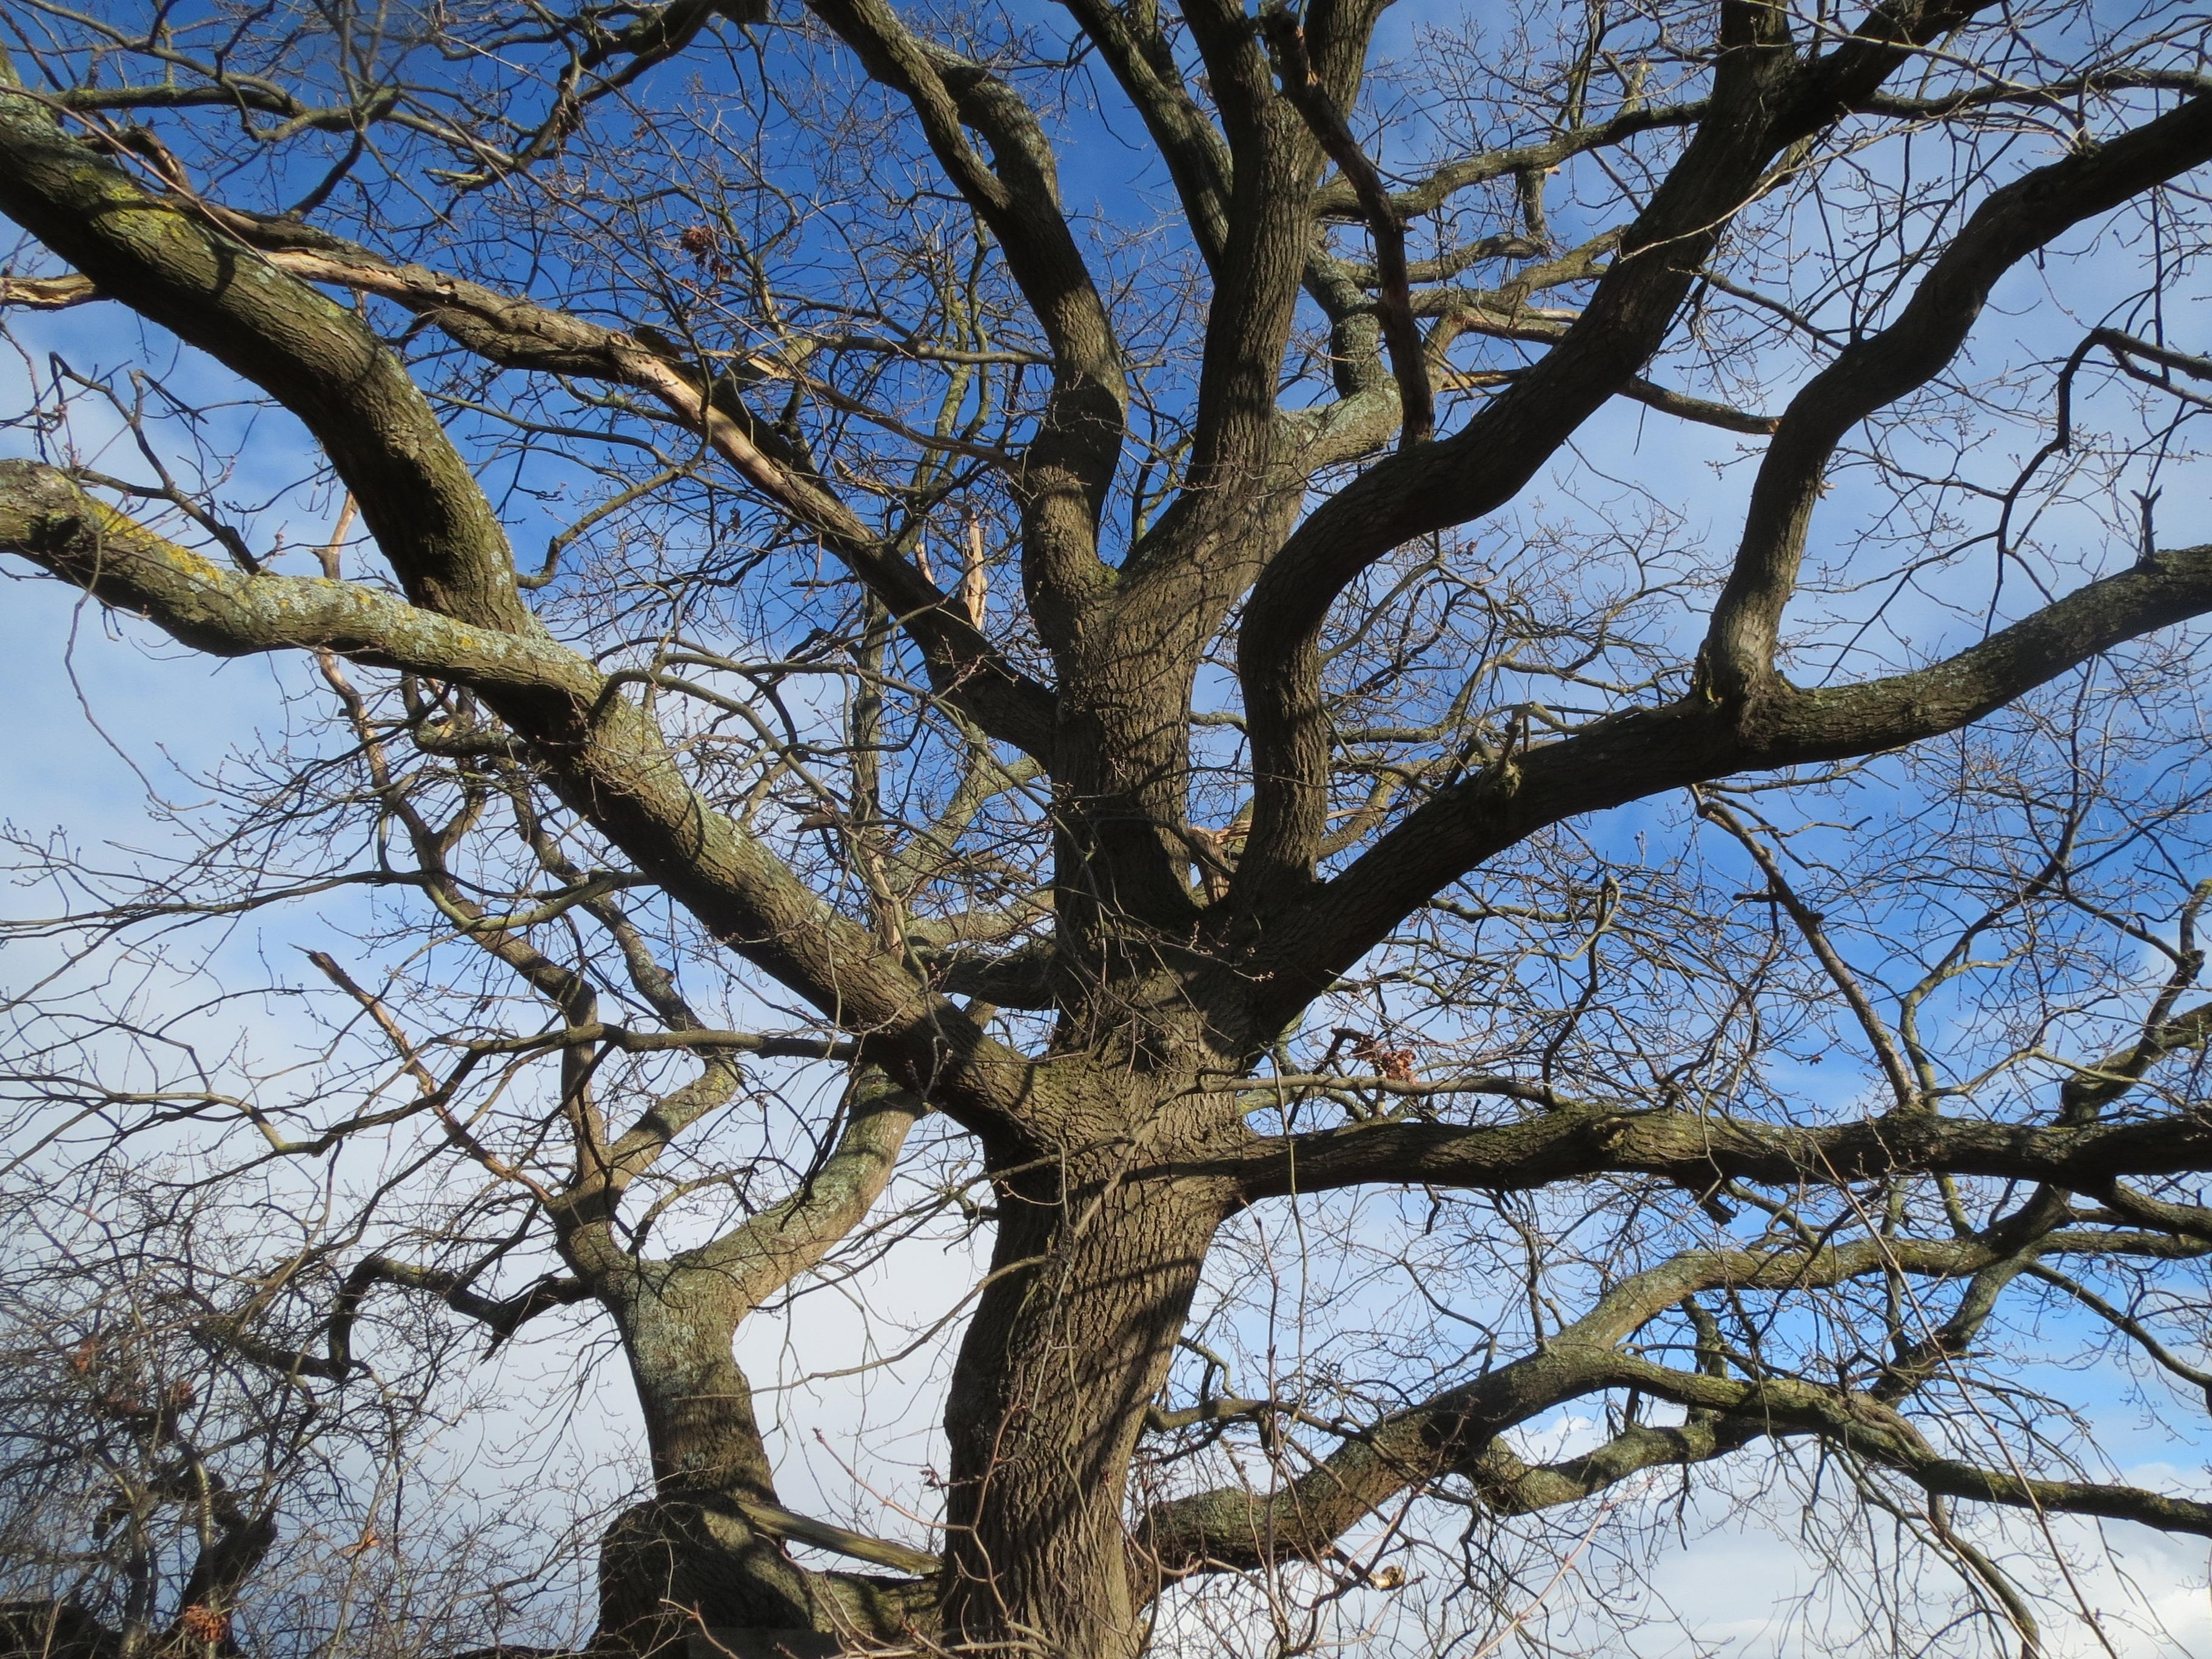 images gratuites arbre branche neige hiver feuille fleur tronc printemps l 39 automne. Black Bedroom Furniture Sets. Home Design Ideas